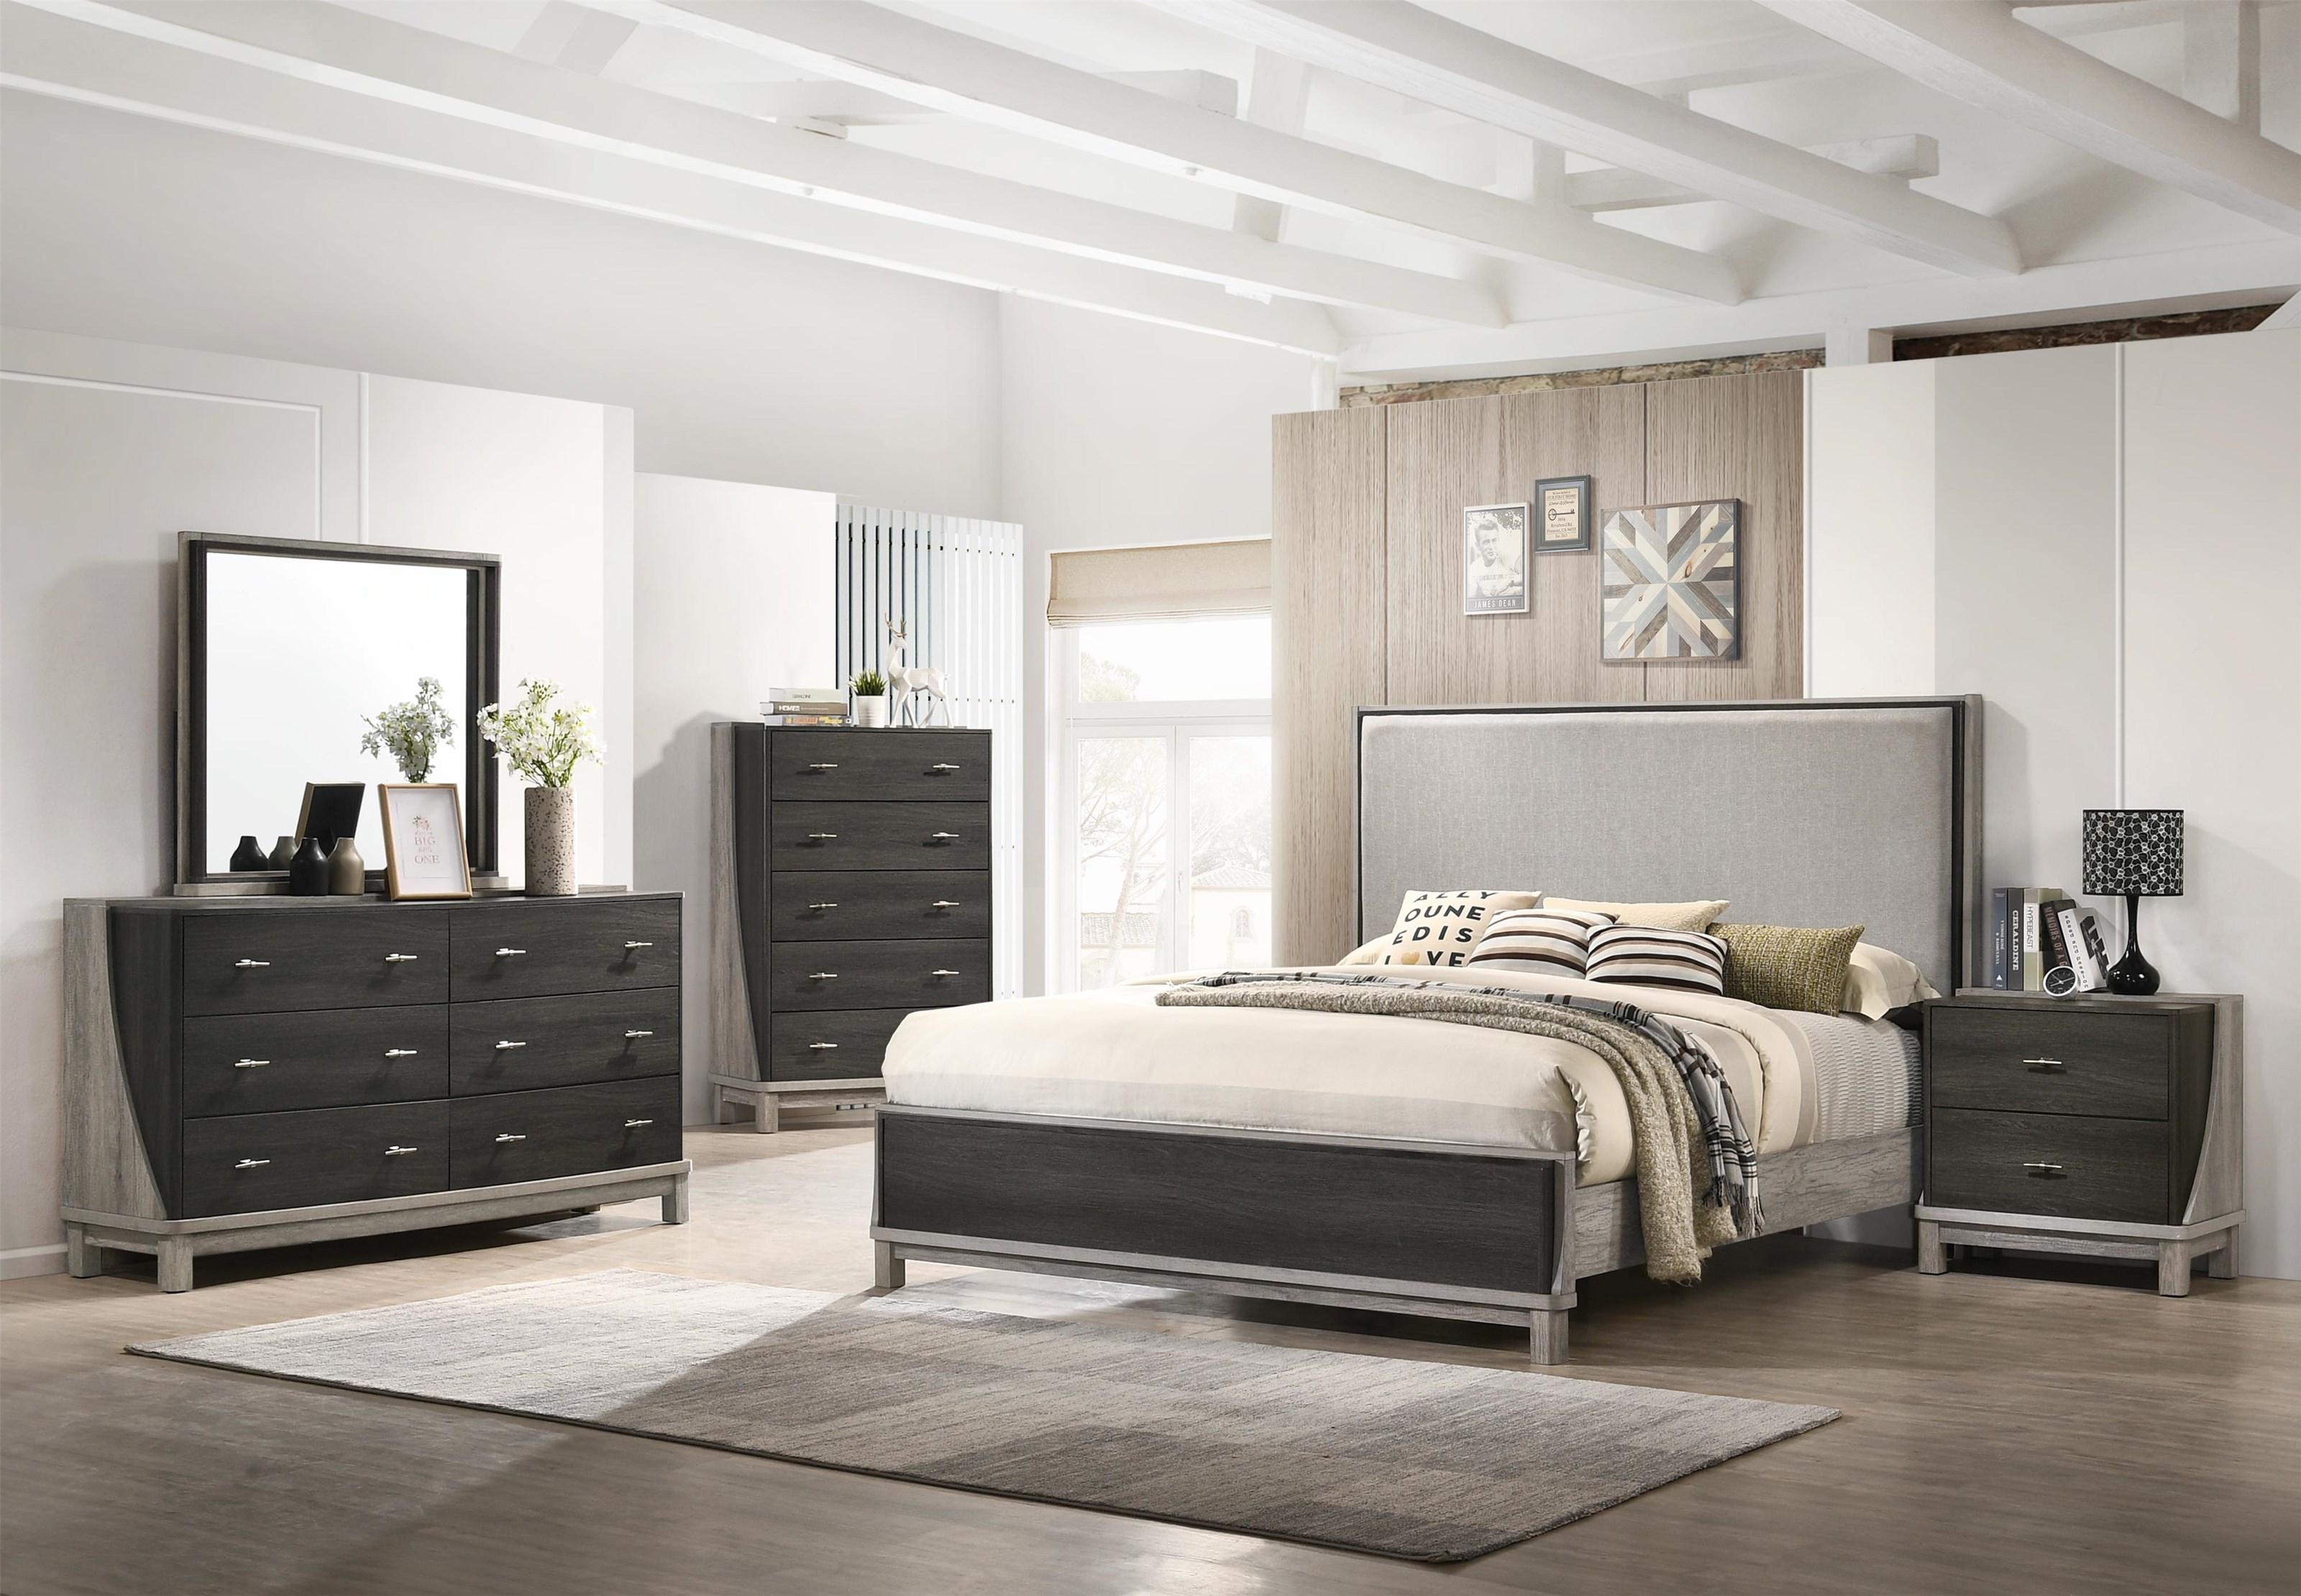 6 Piece Queen Bedroom Group